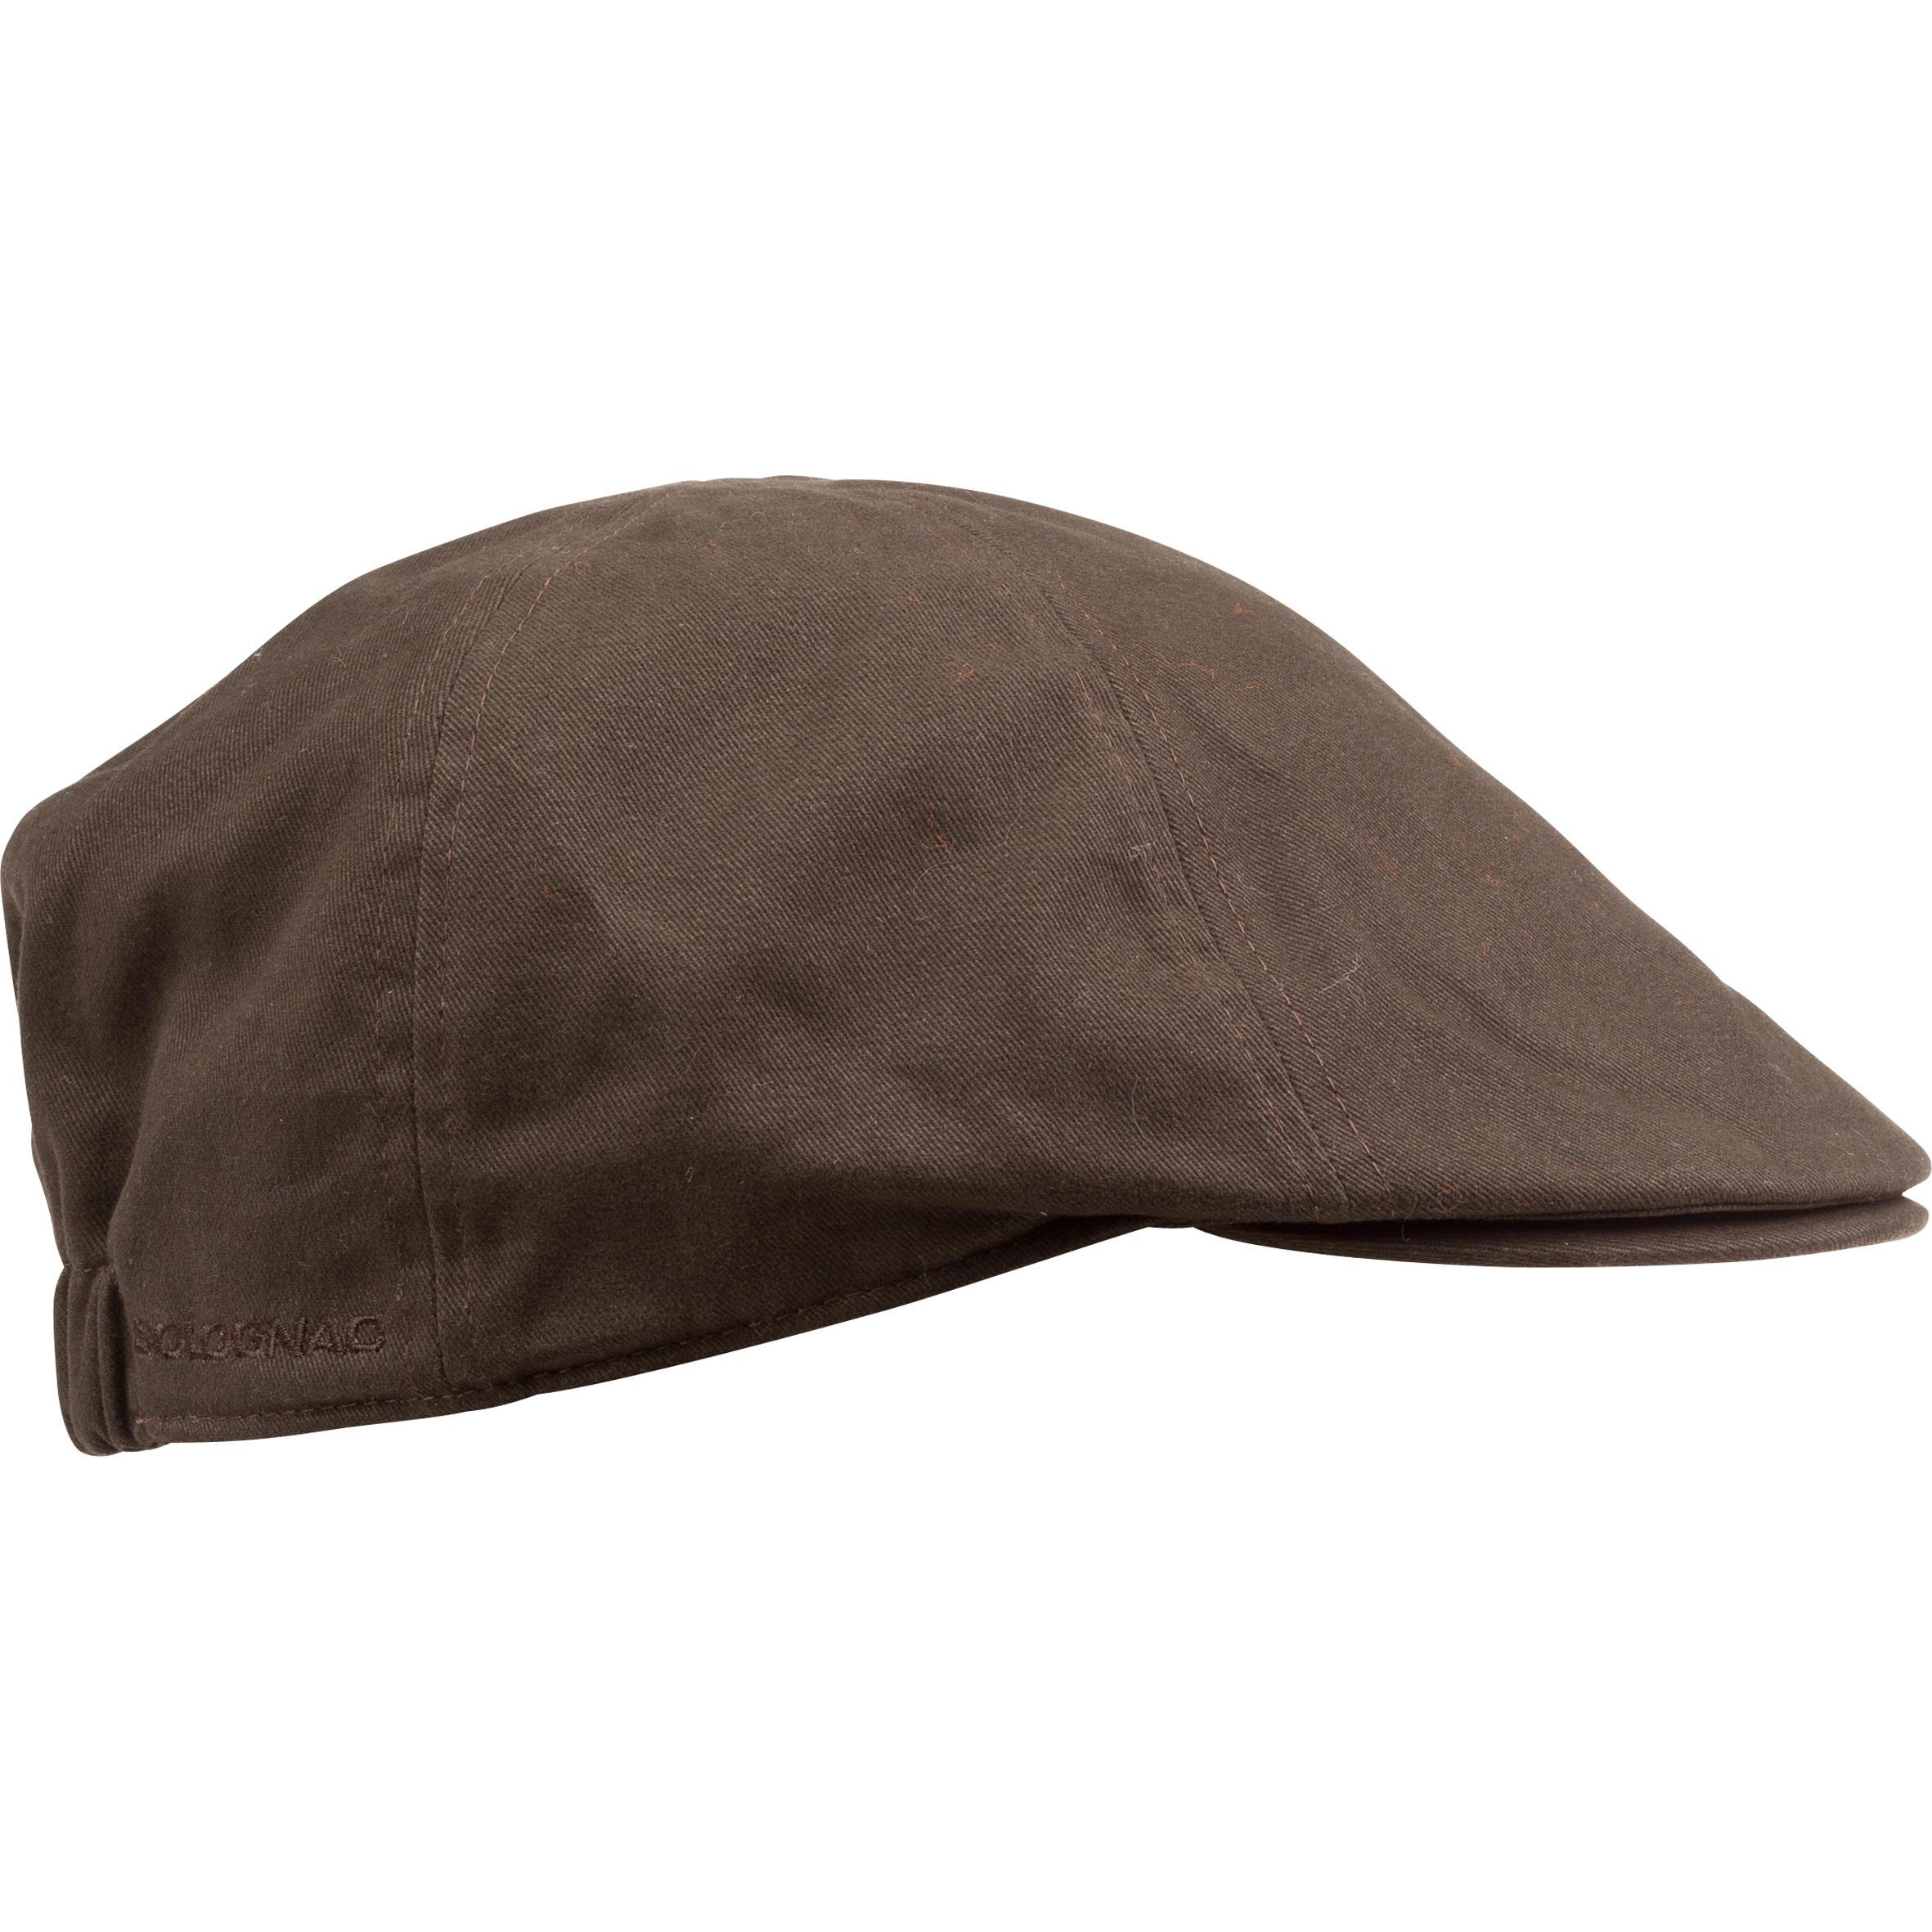 หมวกแฟล็ตแคปรุ่น...